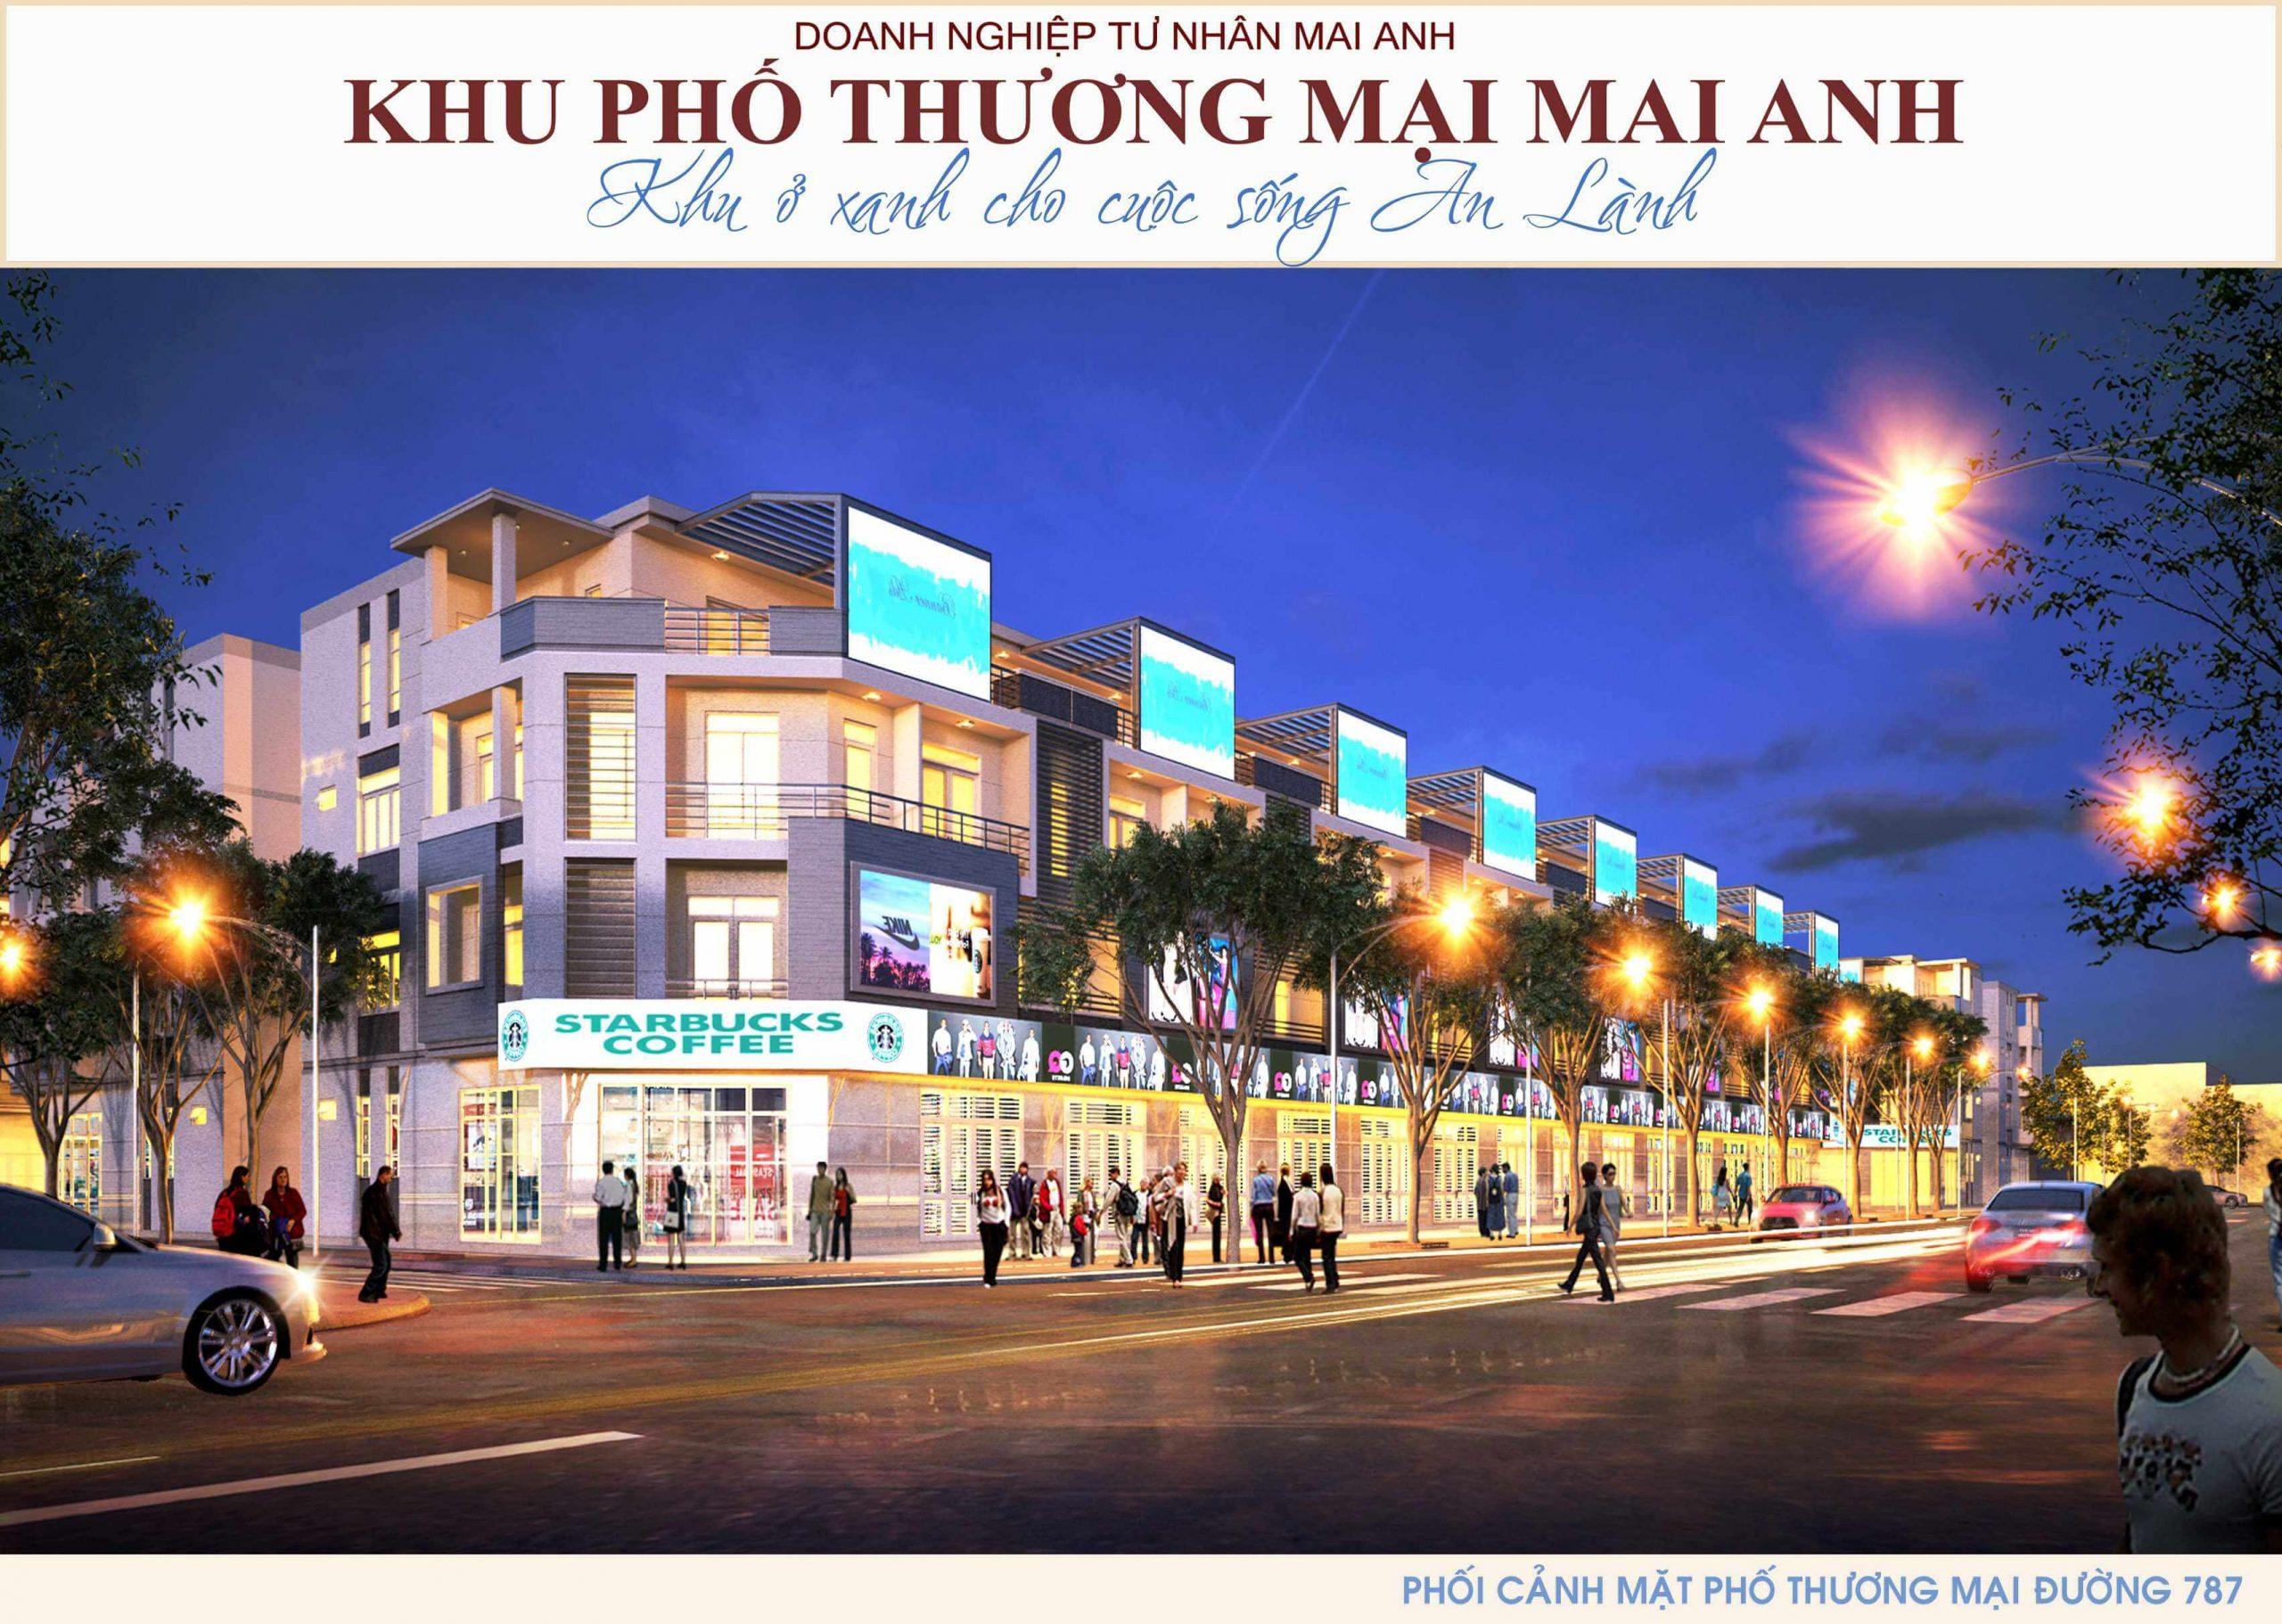 Có nên mua dự án khu thương mại Mai Anh Mega Mall Tây Ninh?